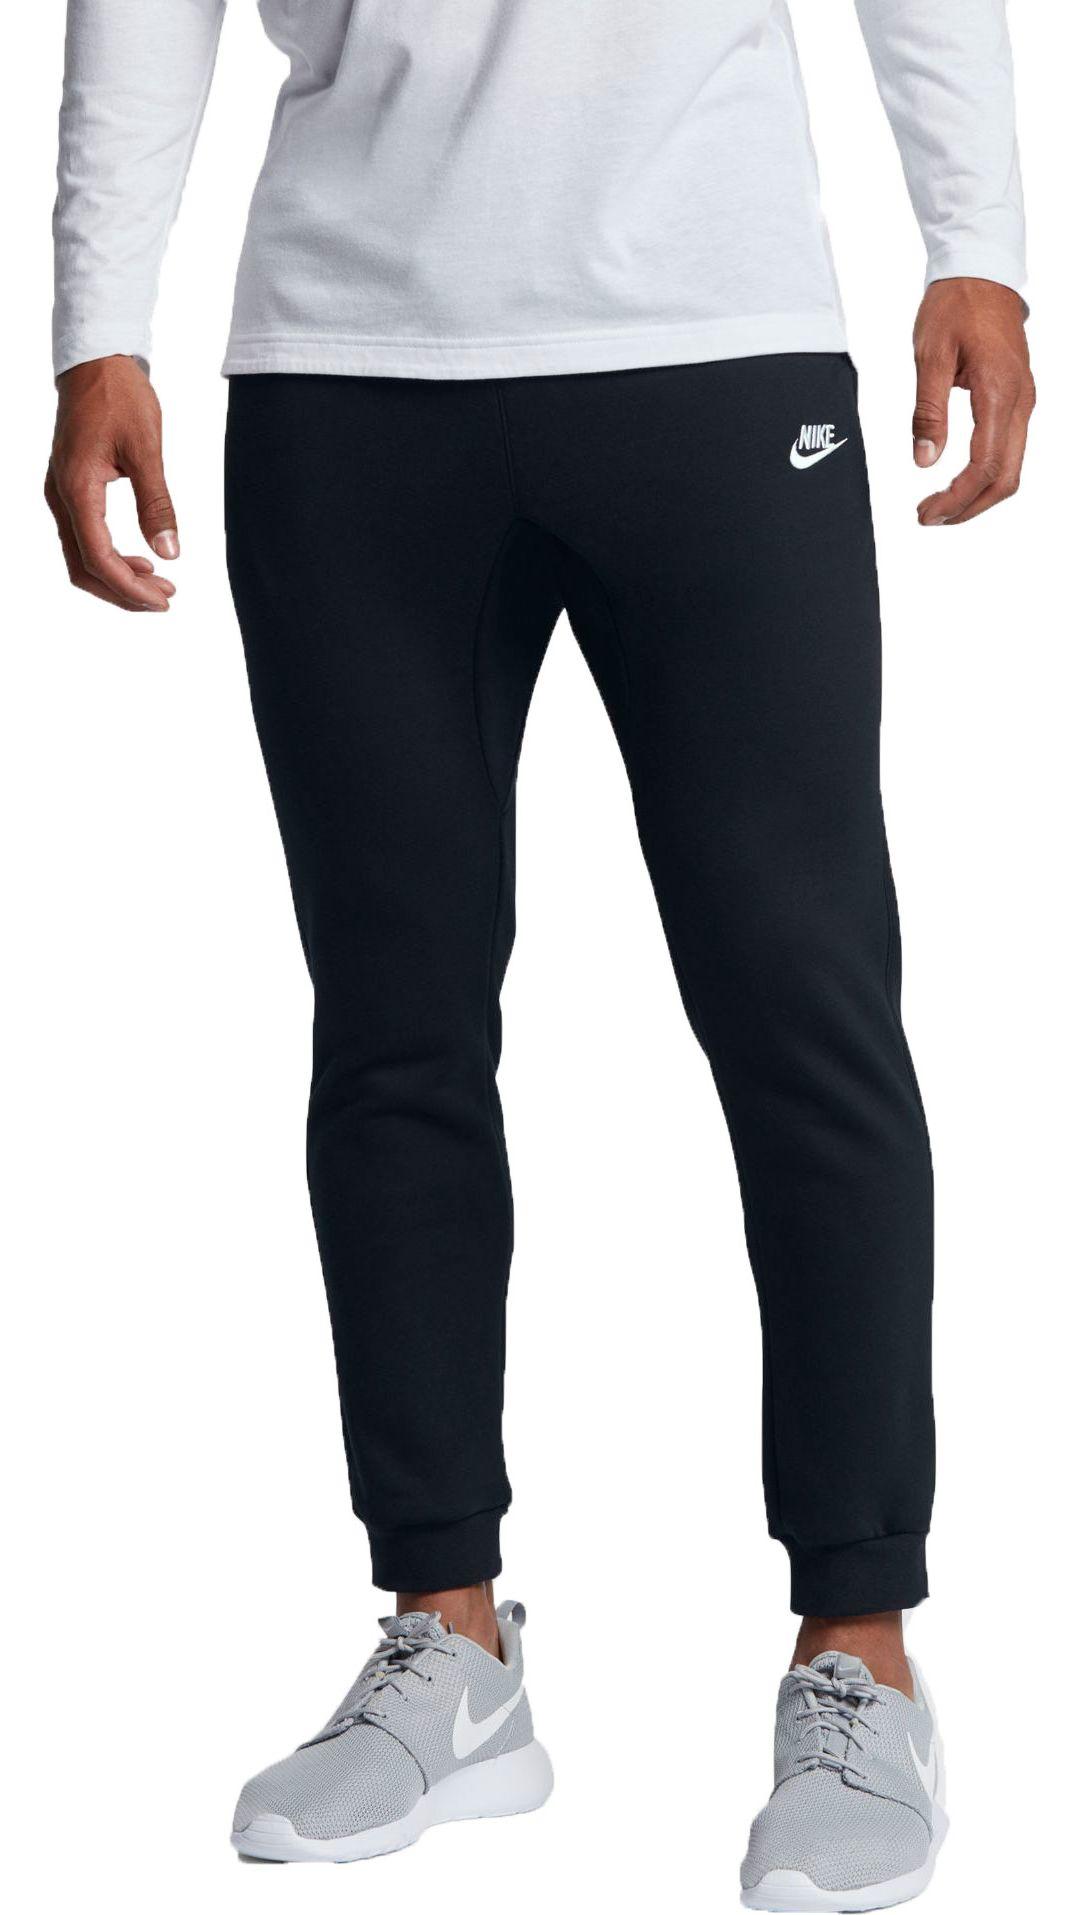 fad84353b6afe3 Nike Men s Sportswear Club Fleece Joggers 1